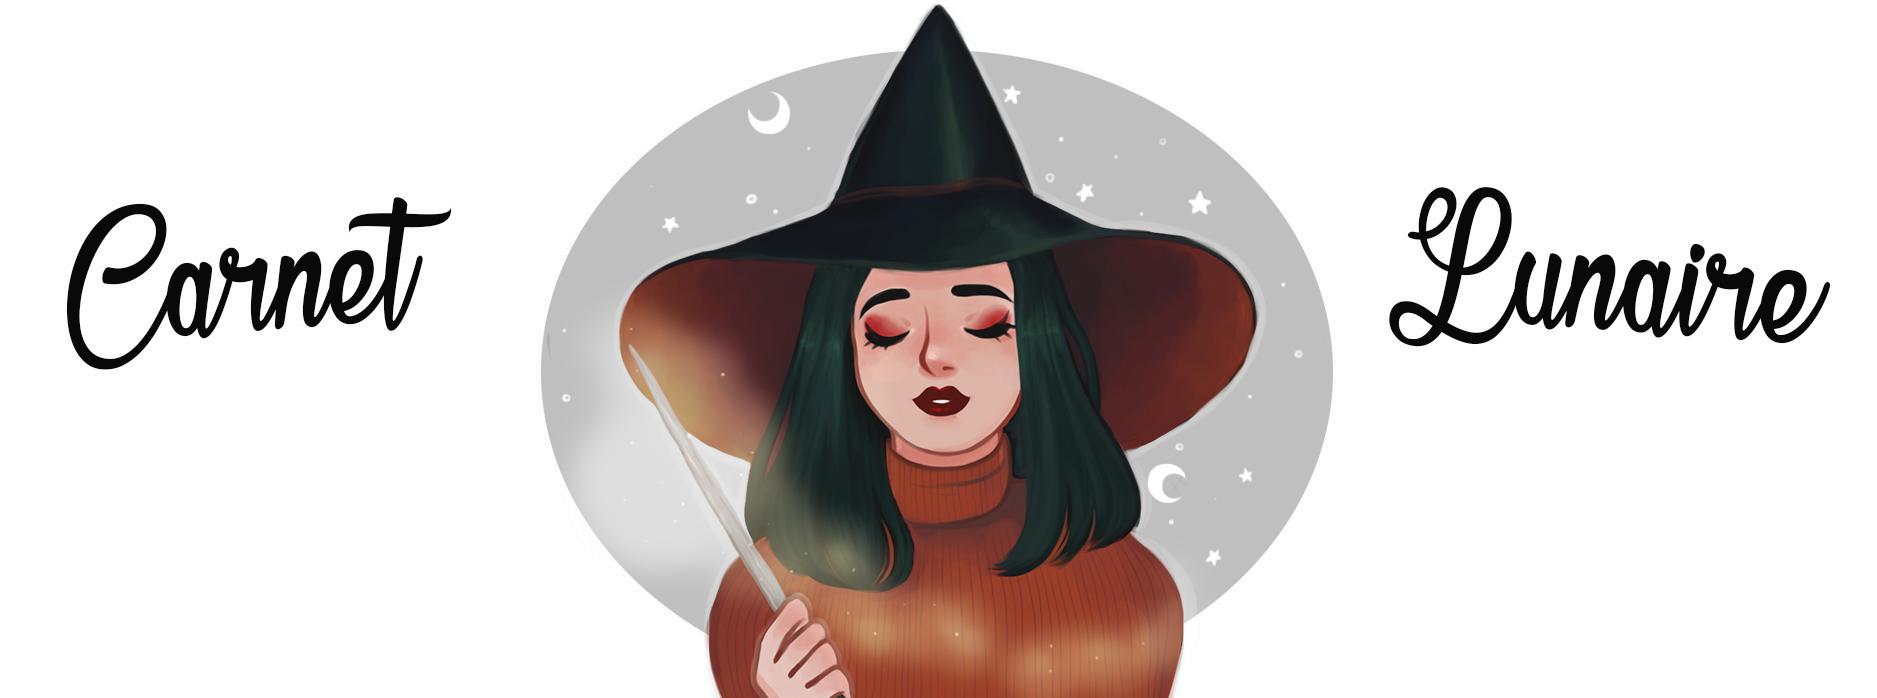 carnet lunaire – le blog d'une sorcière tatouée